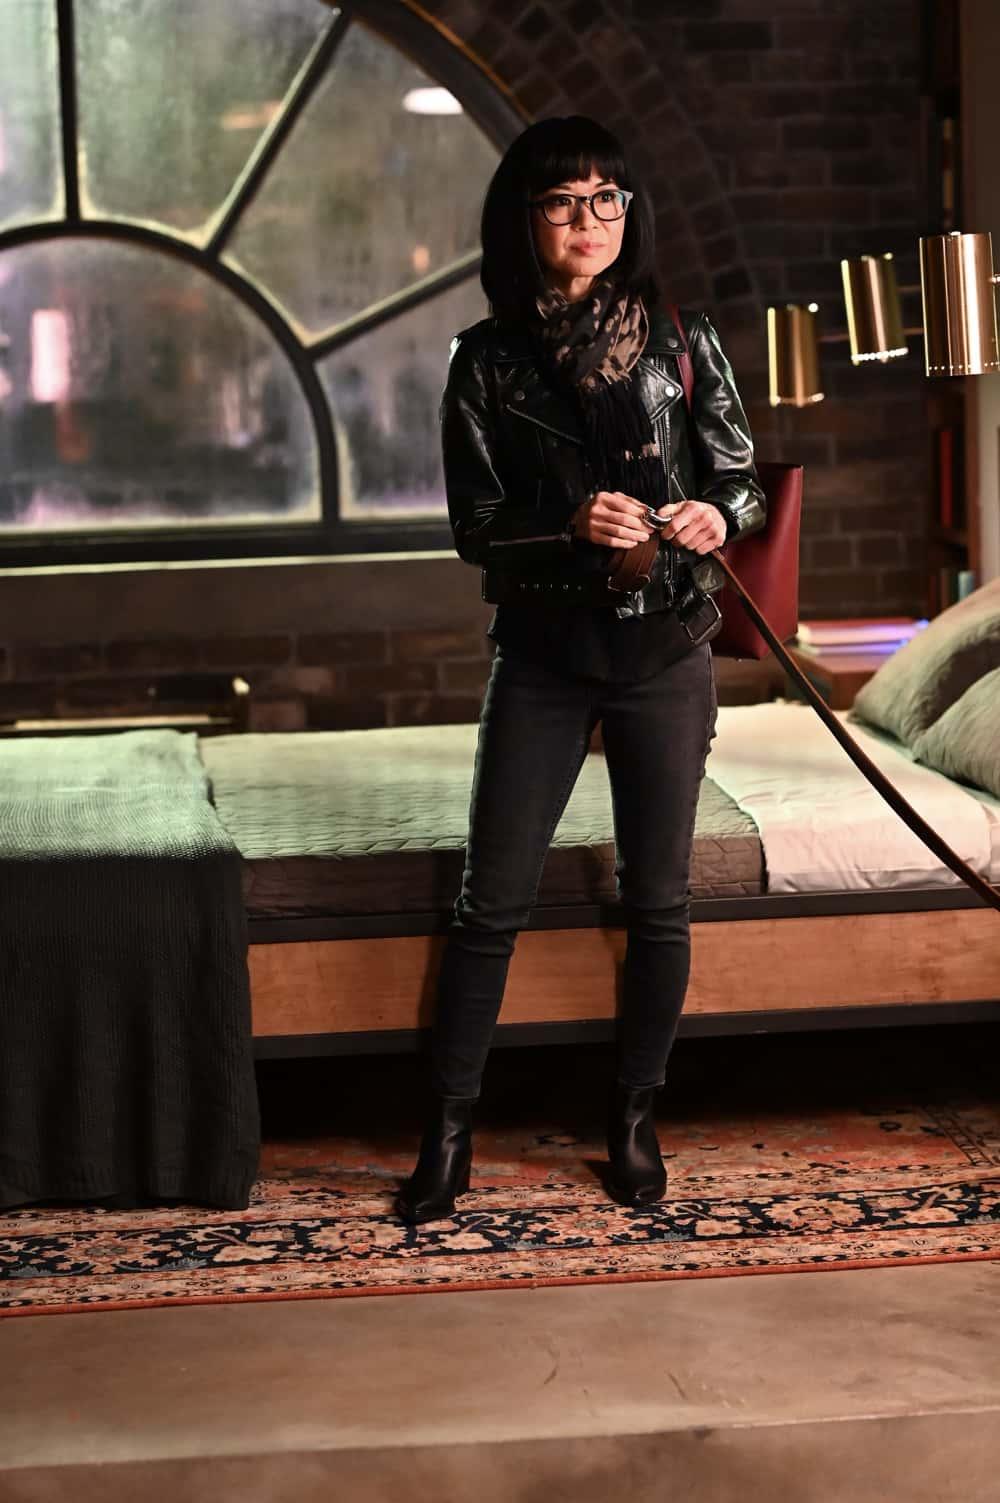 """PRODIGAL SON Season 2 Episode 9 : Keiko Agena in the """"Killabustas"""" episode of PRODIGAL SON airing Tuesday, April 20 (9:01-10:00 PM ET/PT) on FOX. ©2021 Fox Media LLC Cr: Phil Caruso/FOX"""